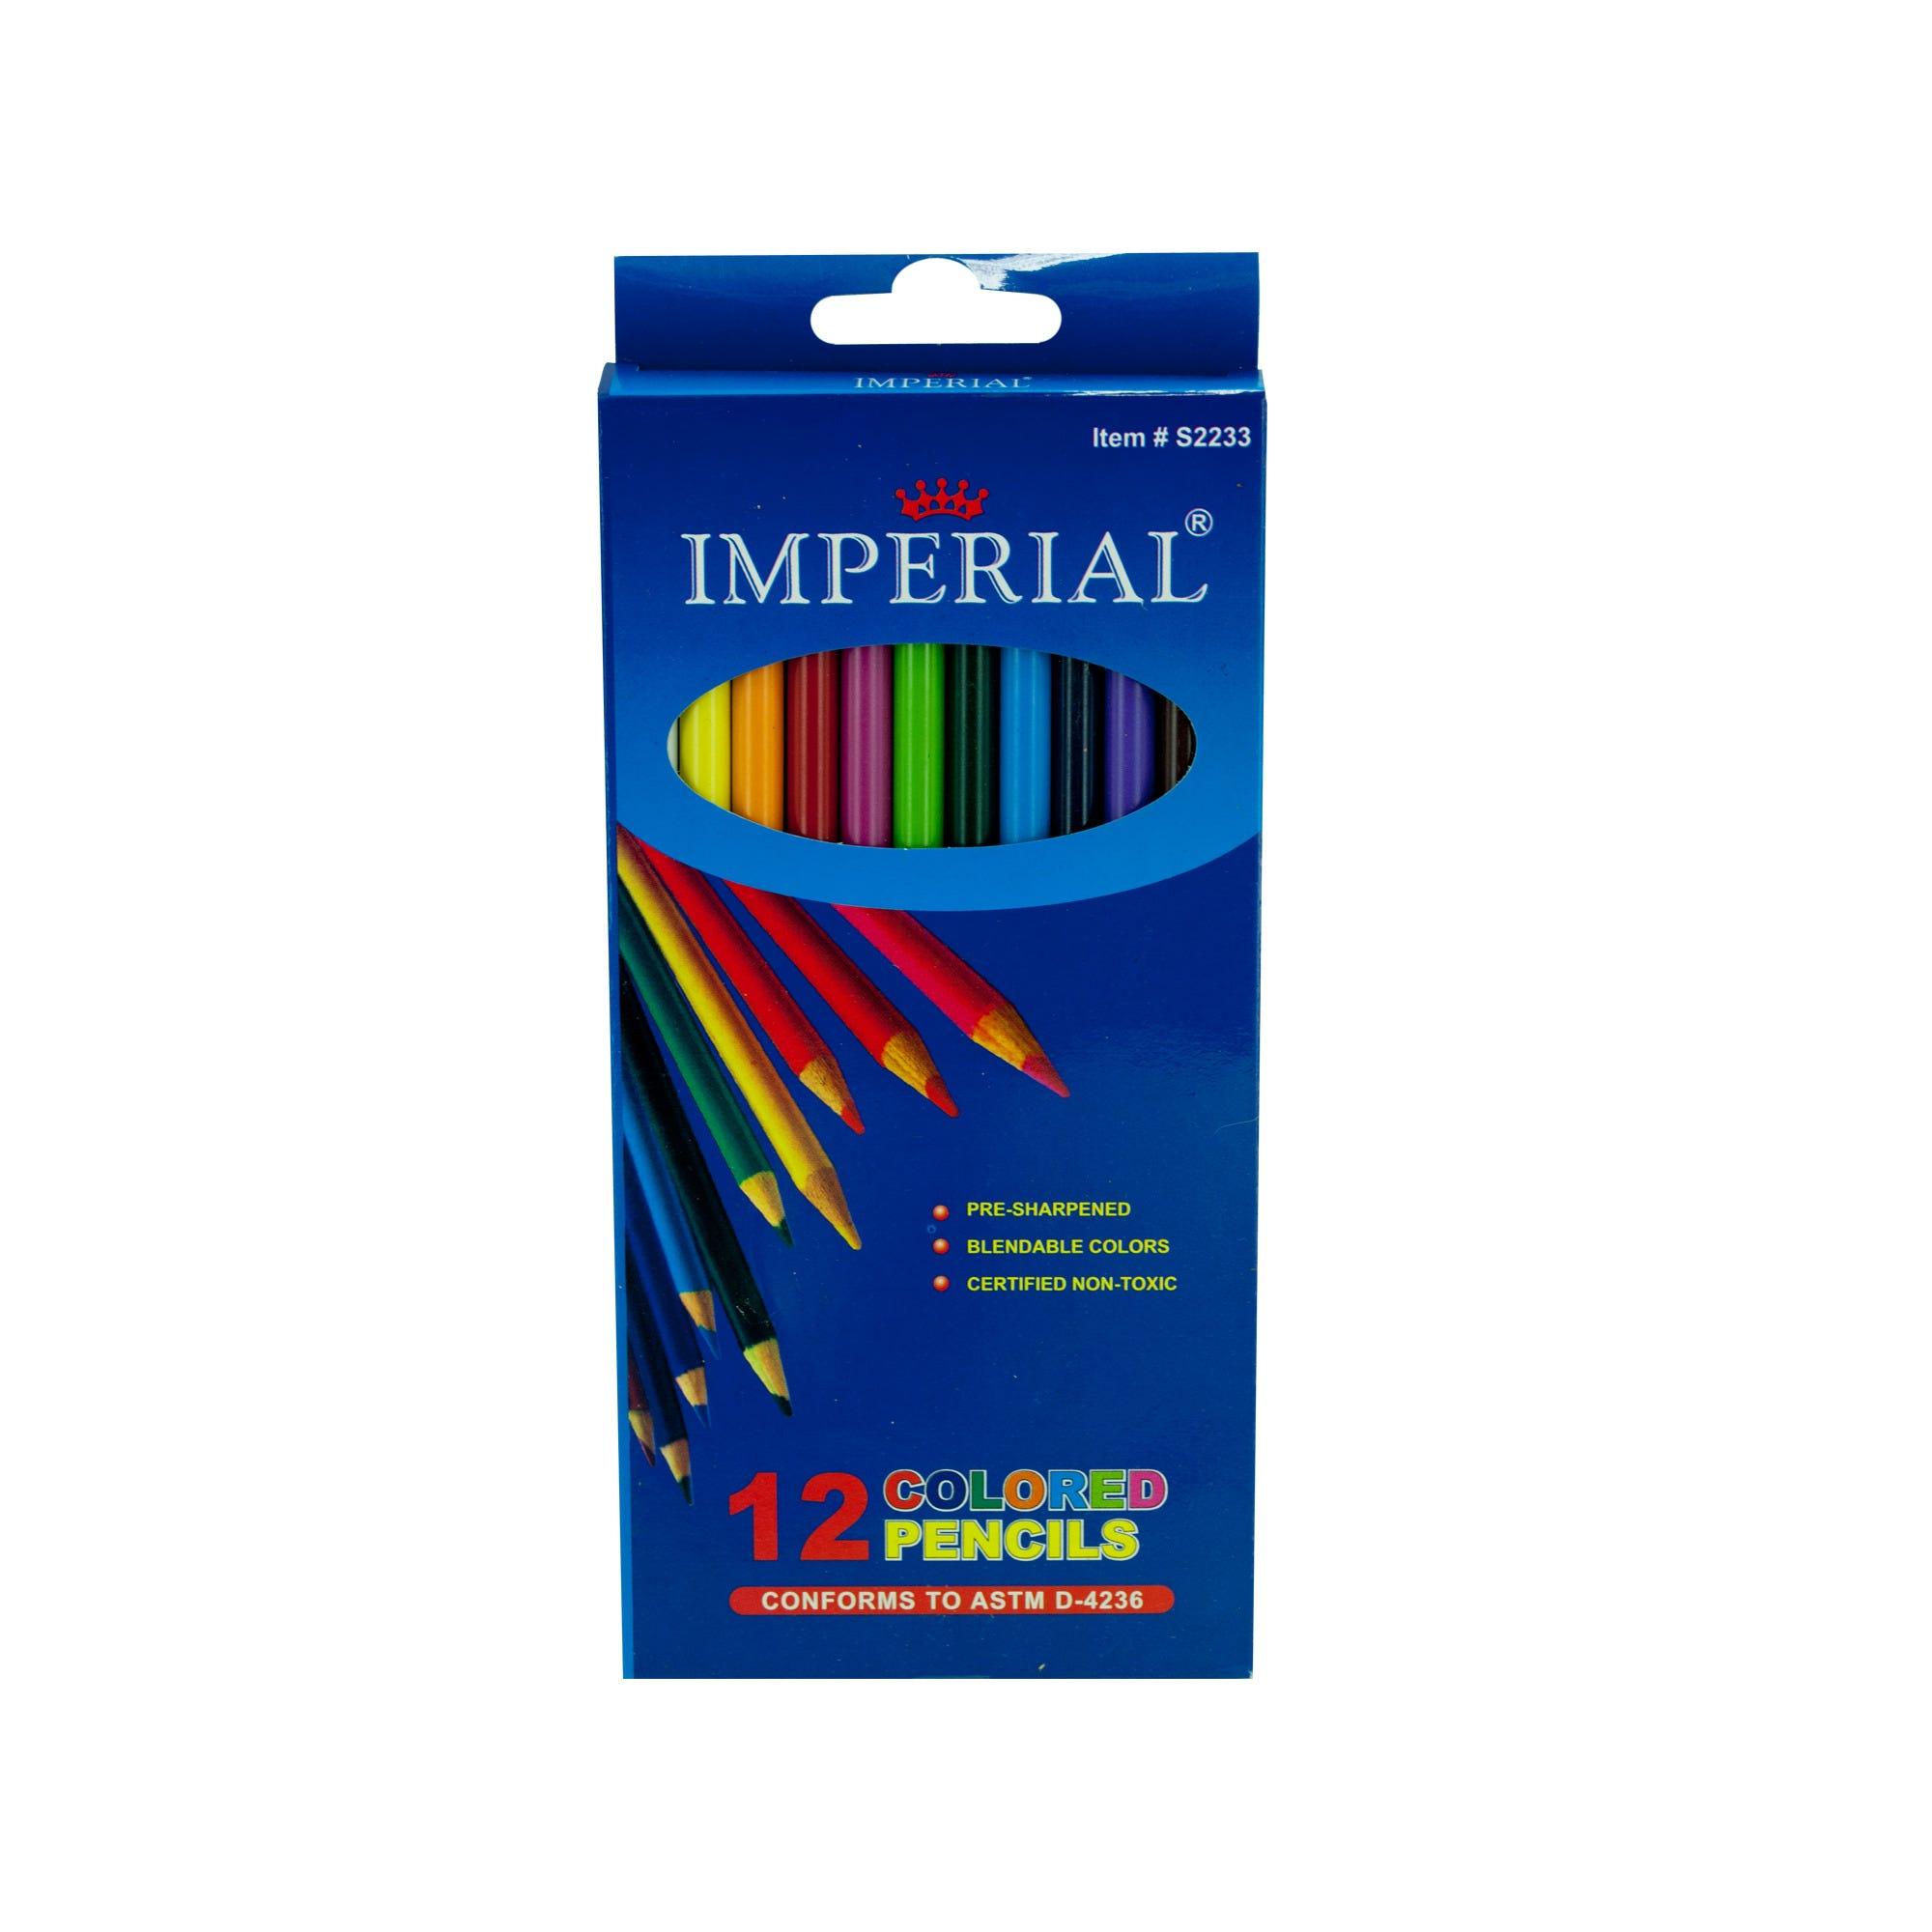 Blendable Colored Pencils Set- Qty 24